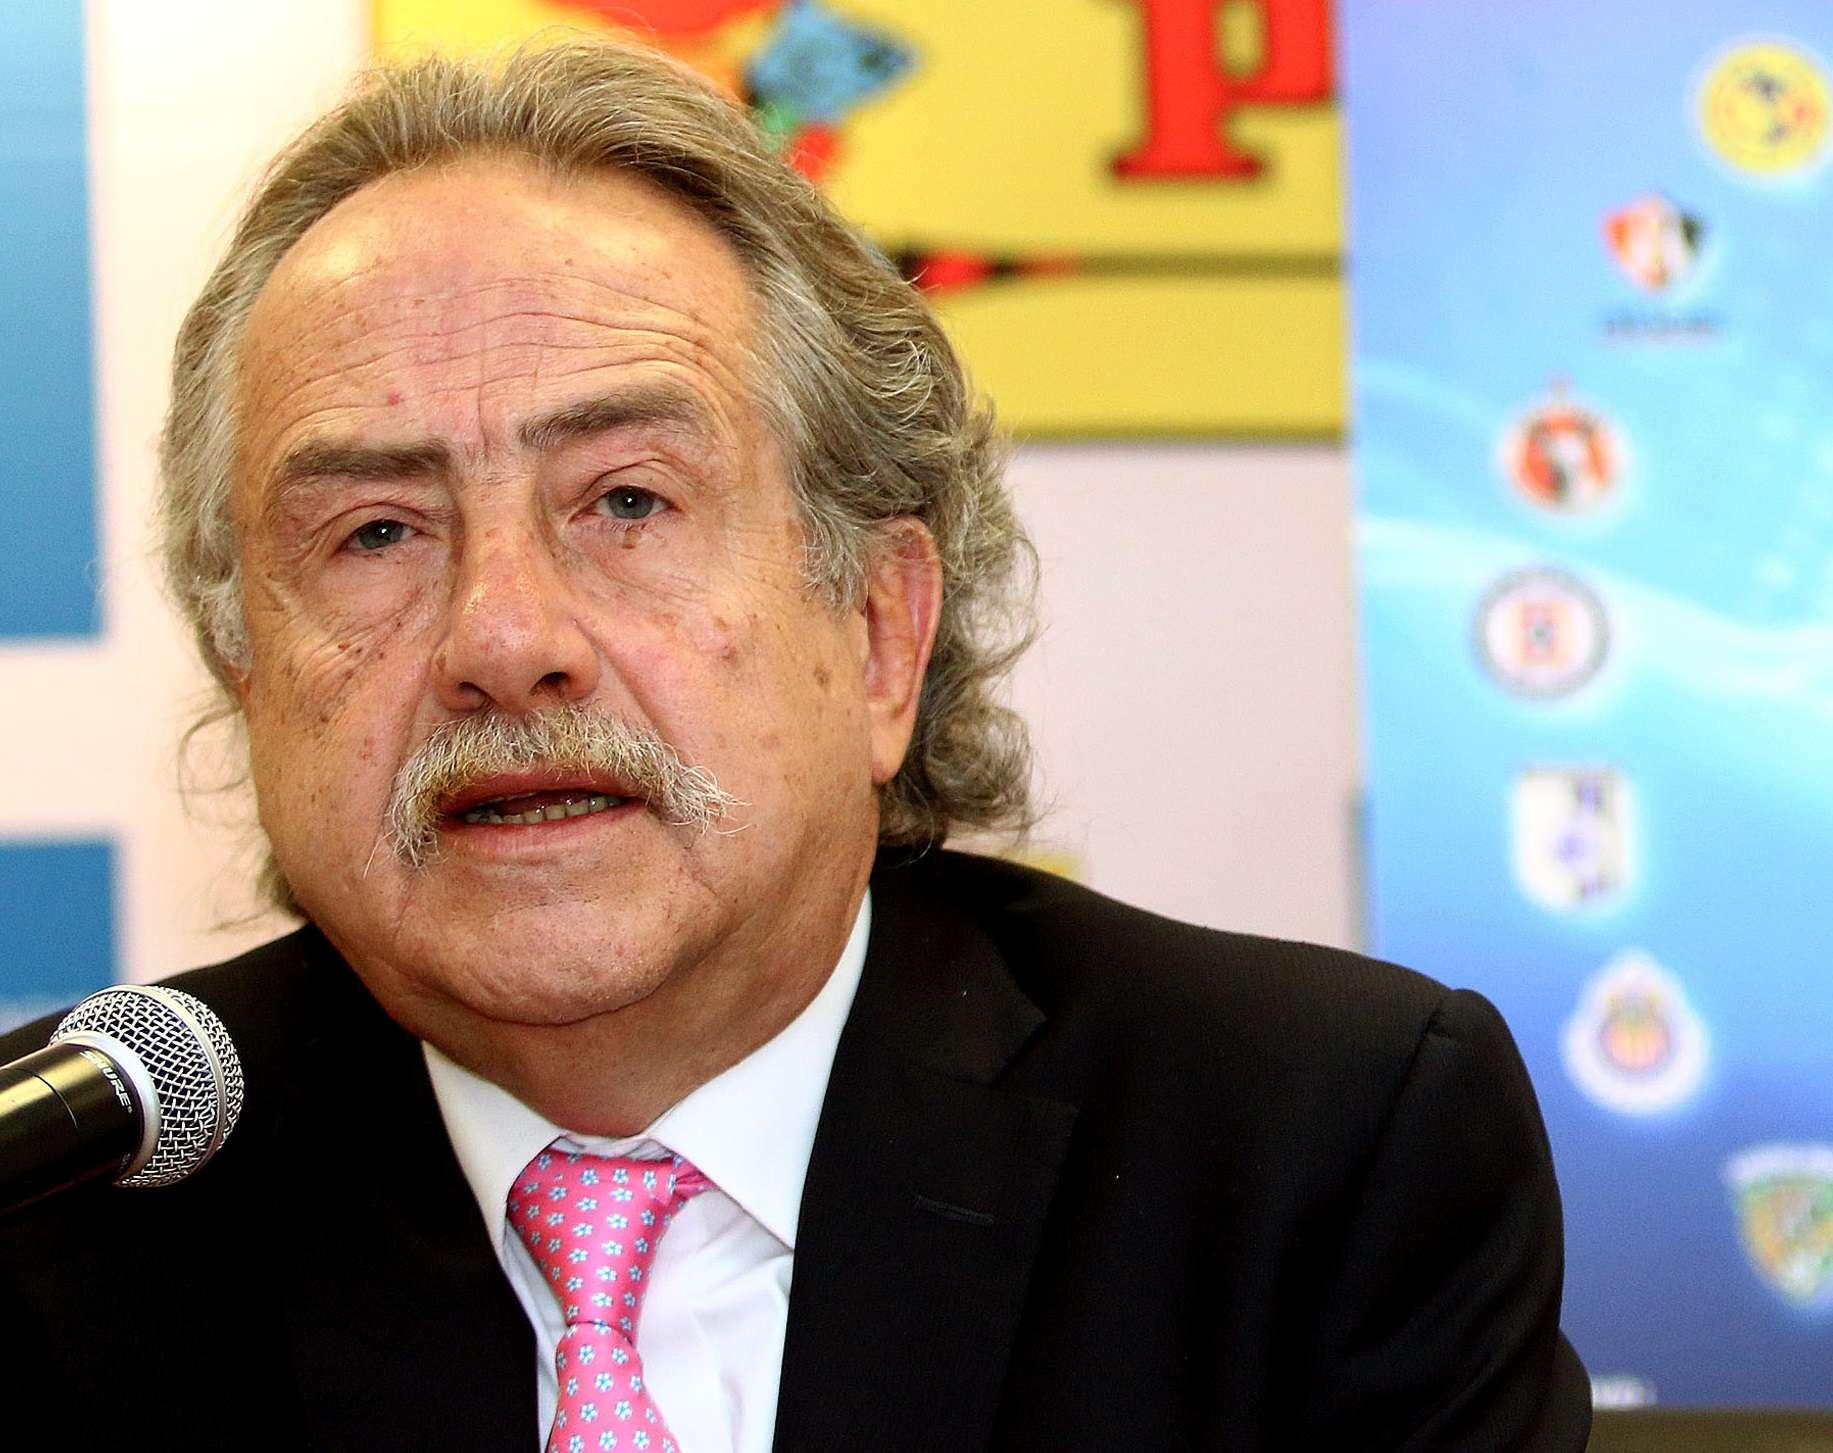 El presidente de la Liga MX se mostró consternado ante las muertes del equipo de Tercera División. Foto: Imago 7